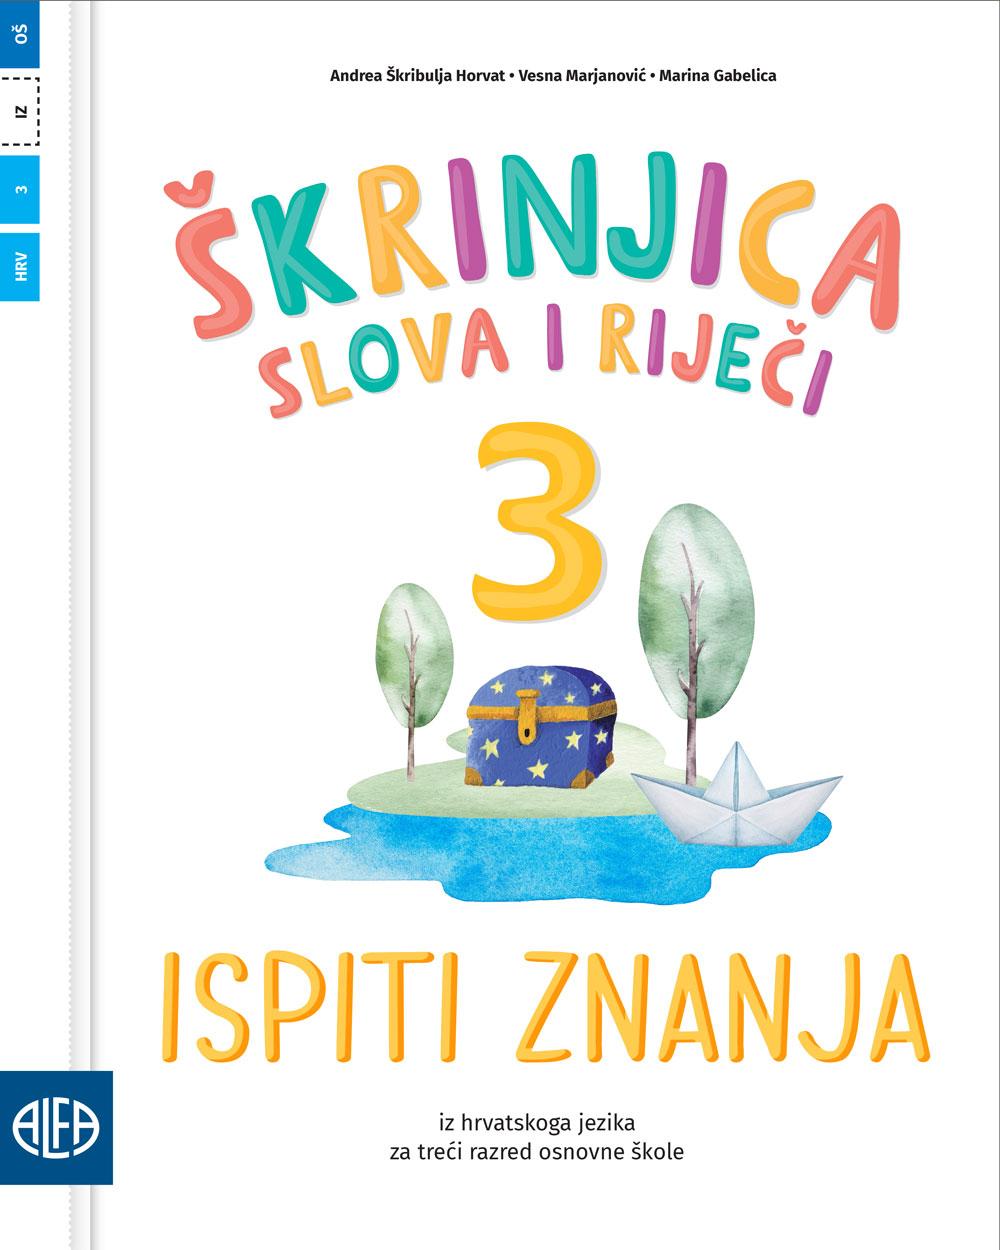 Ispiti znanja iz hrvatskoga jezika za trećii razred osnovne škole